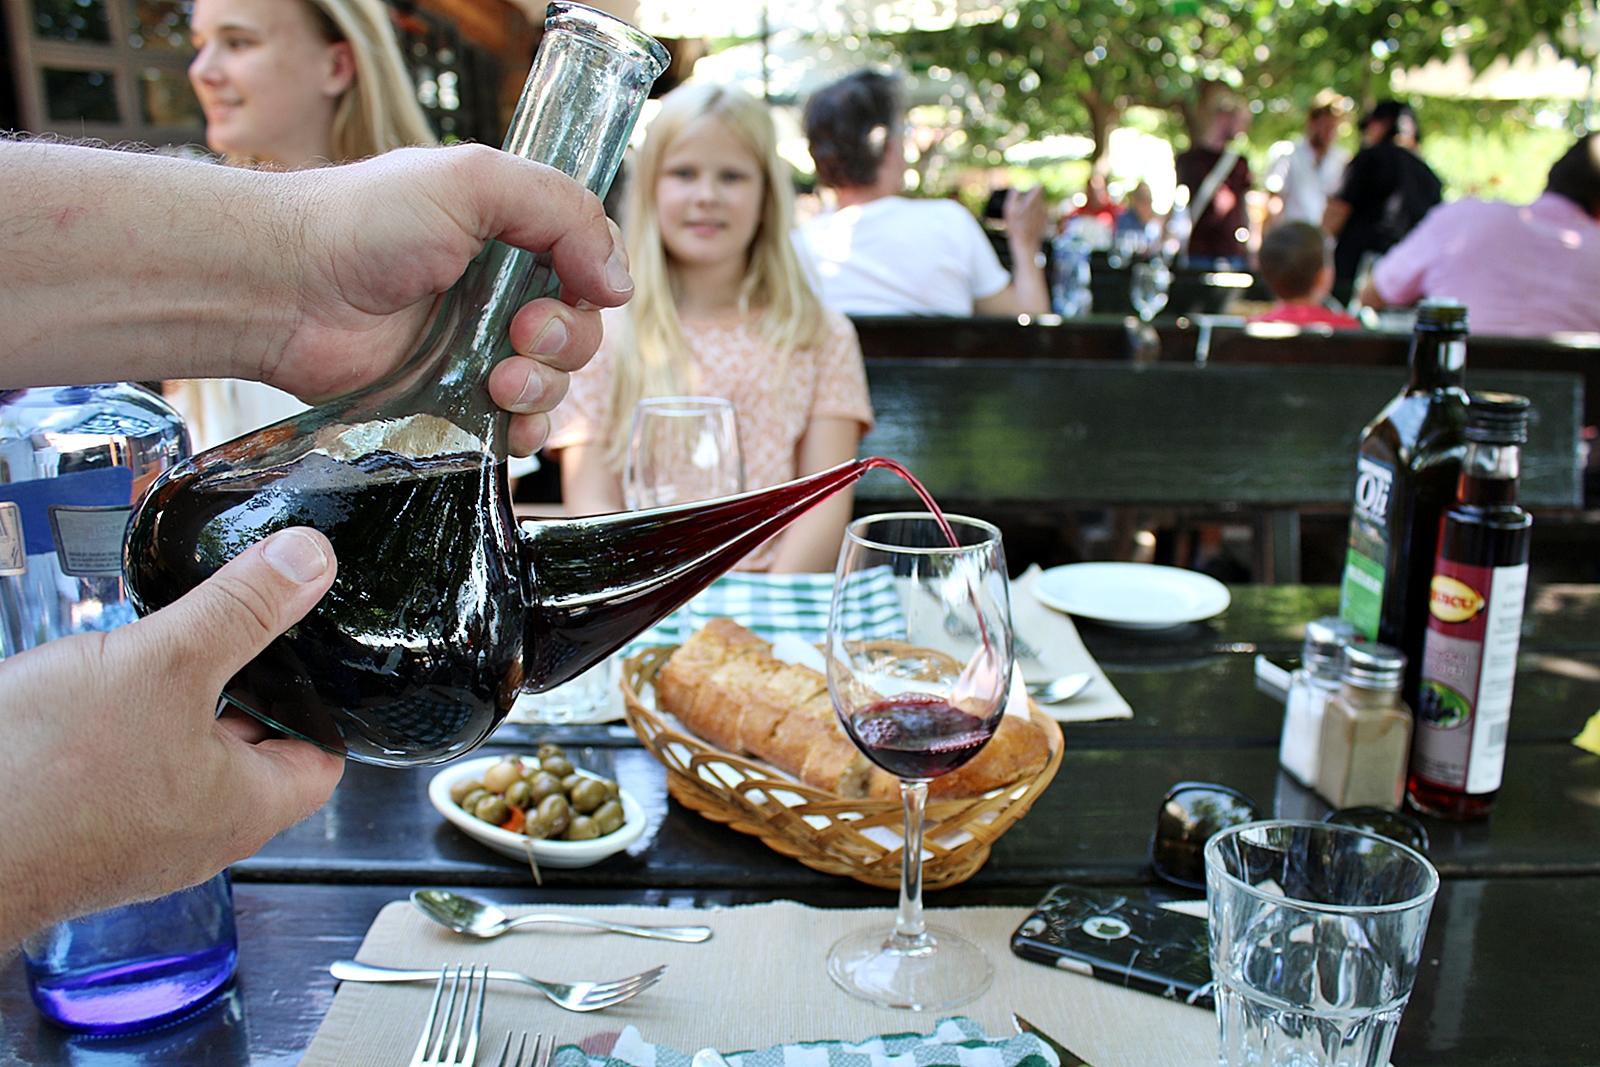 Restaurang Vinya Nova, Masia Vinya Nova, s/n. El Bruc Barcelona